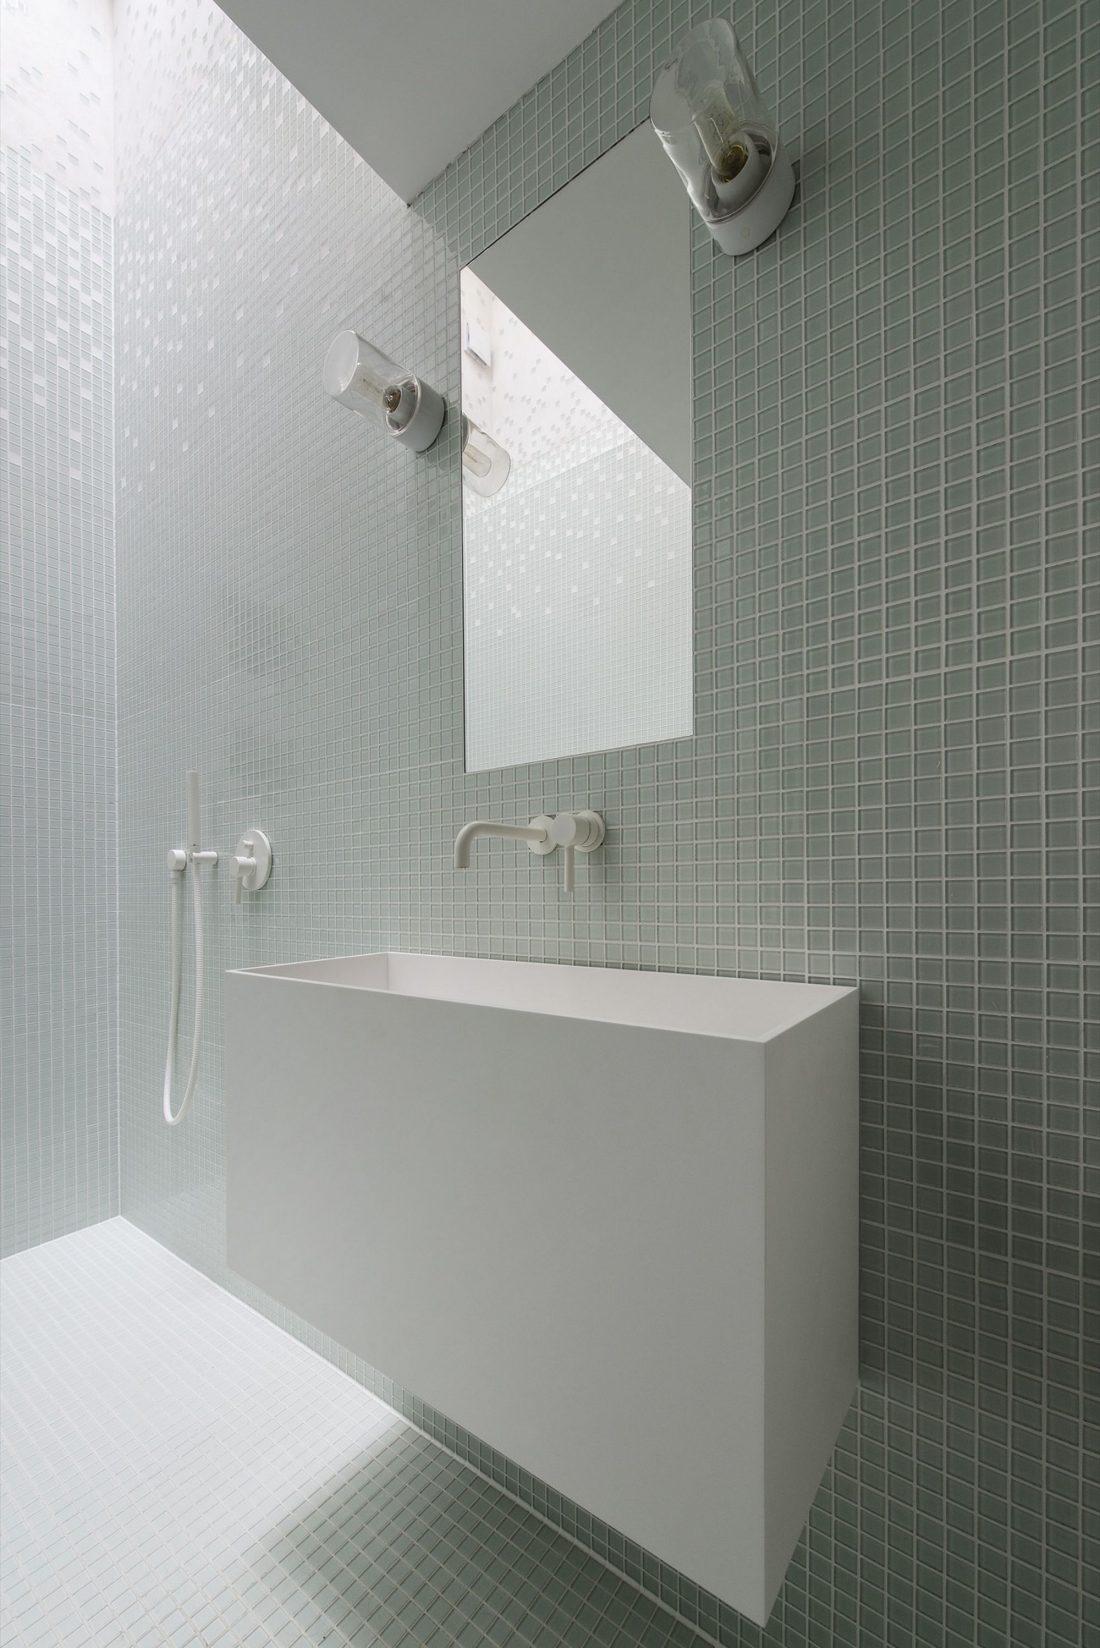 rekonstruktsiya-starinnogo-zdaniya-v-berline-po-proektu-asdfg-architekten-21